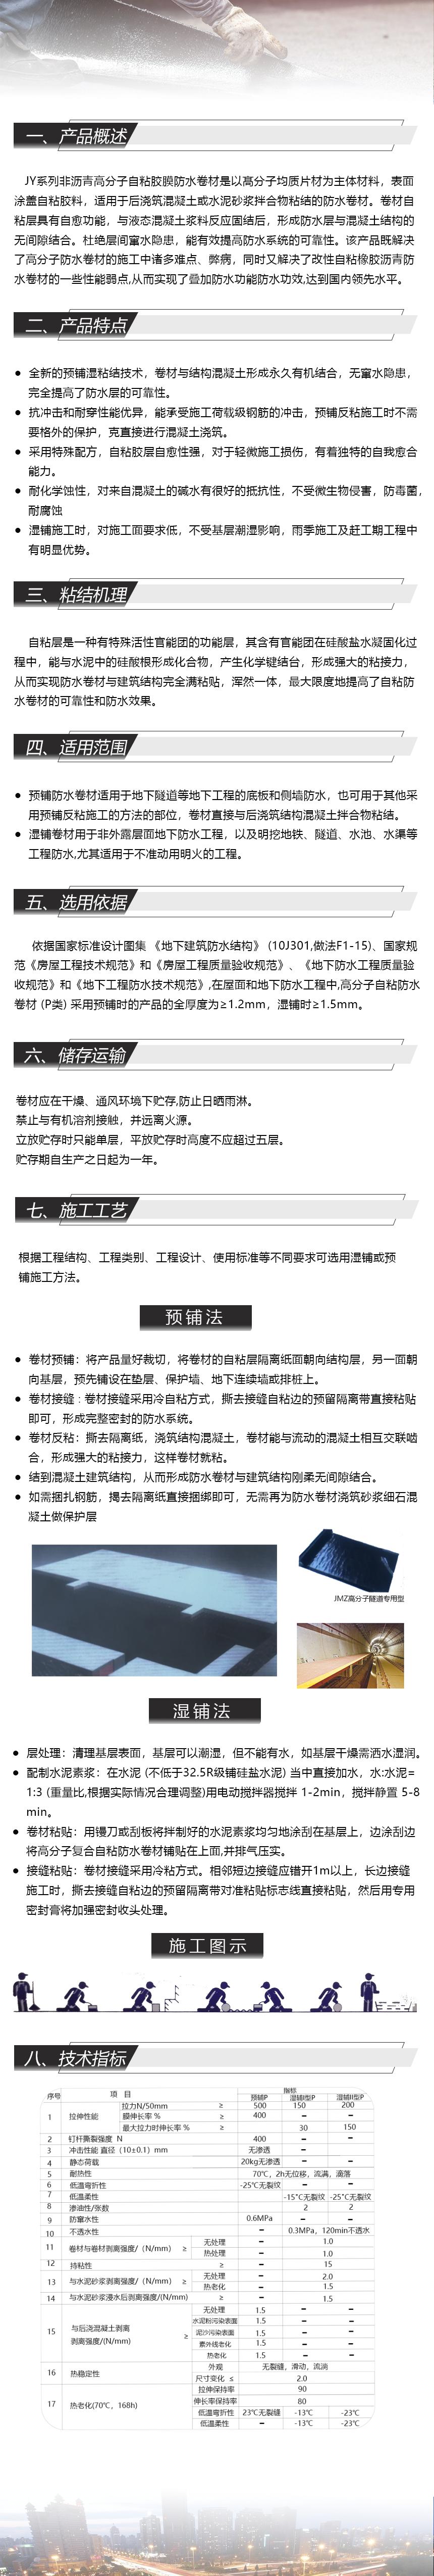 道桥用改性沥青防水涂料   (30~33).png